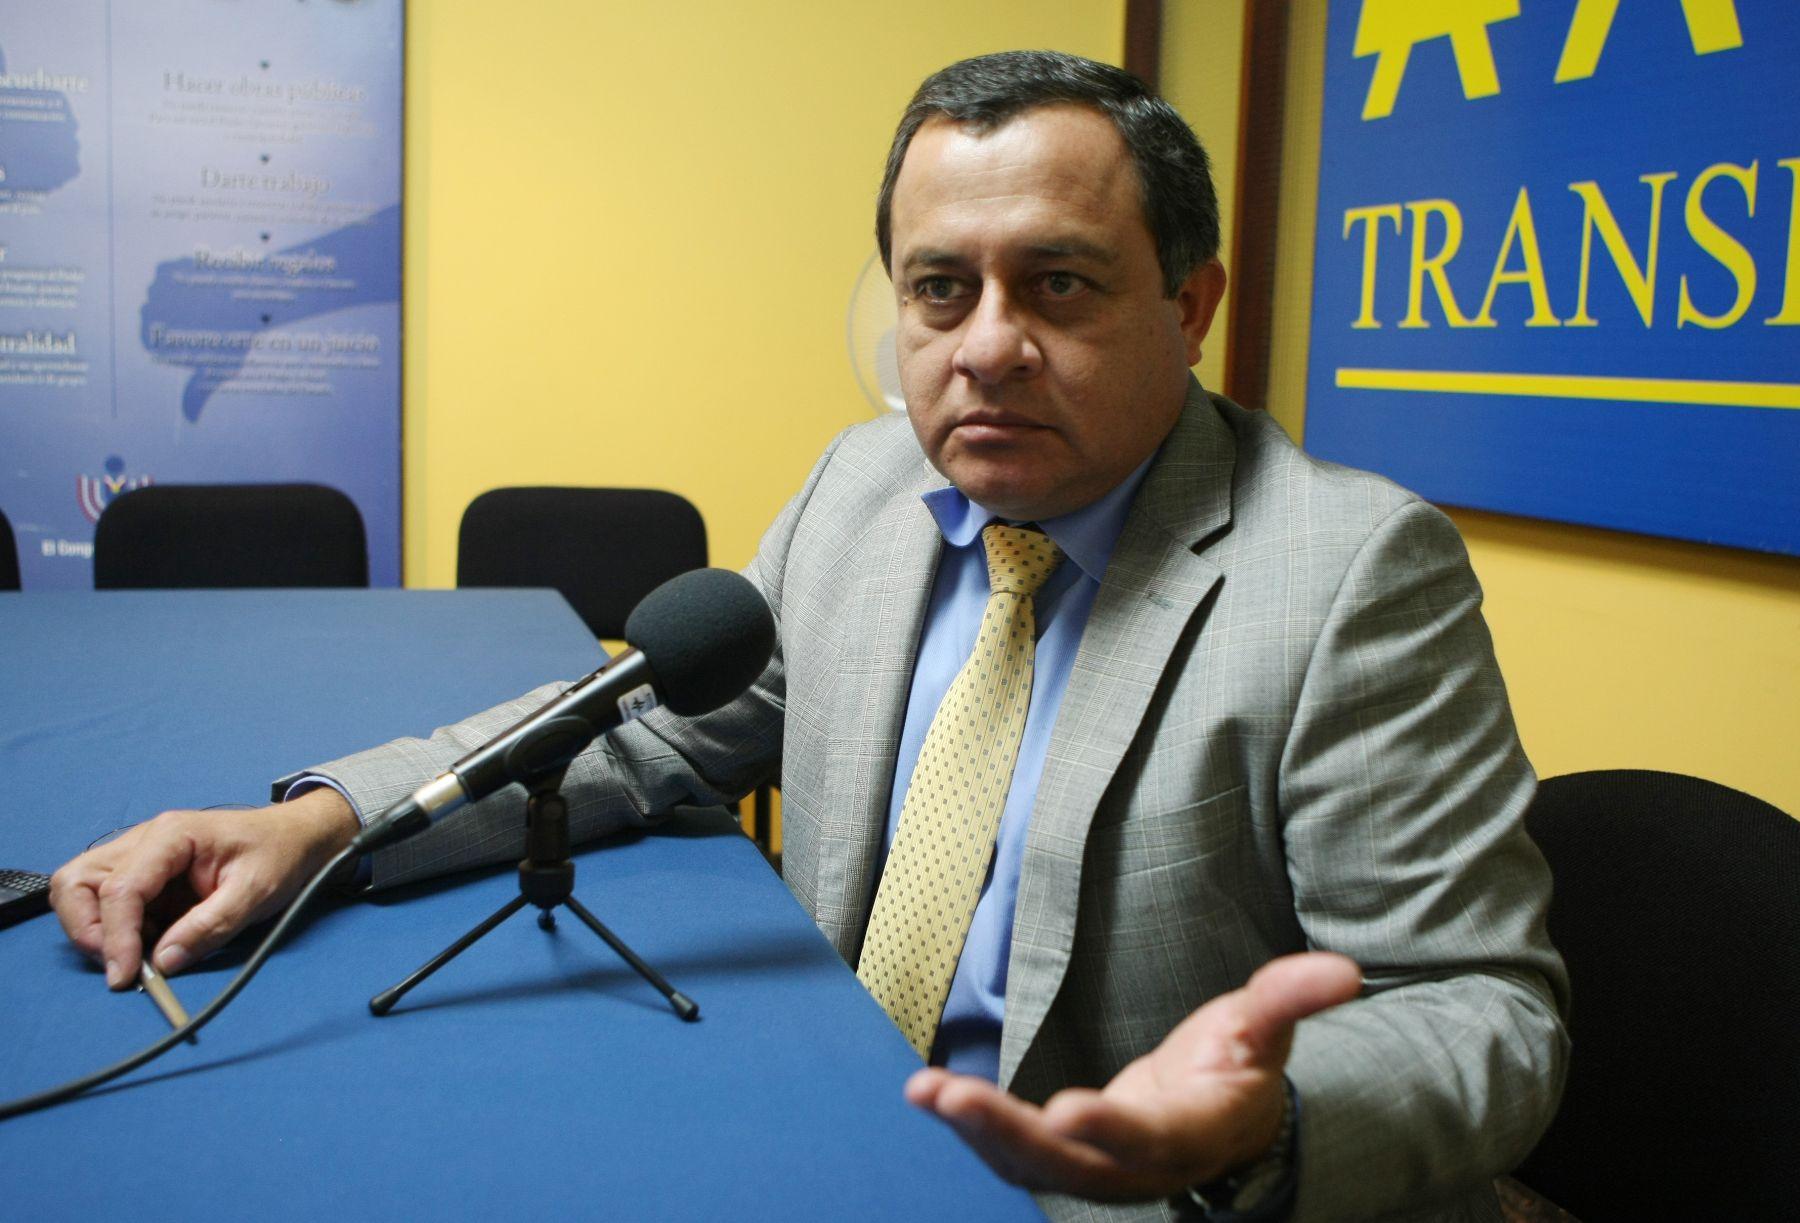 Exsecretario general de Transparencia sostiene que Fuerza Popular ha retomado el control en el Congreso. ANDINA/Vidal Tarqui